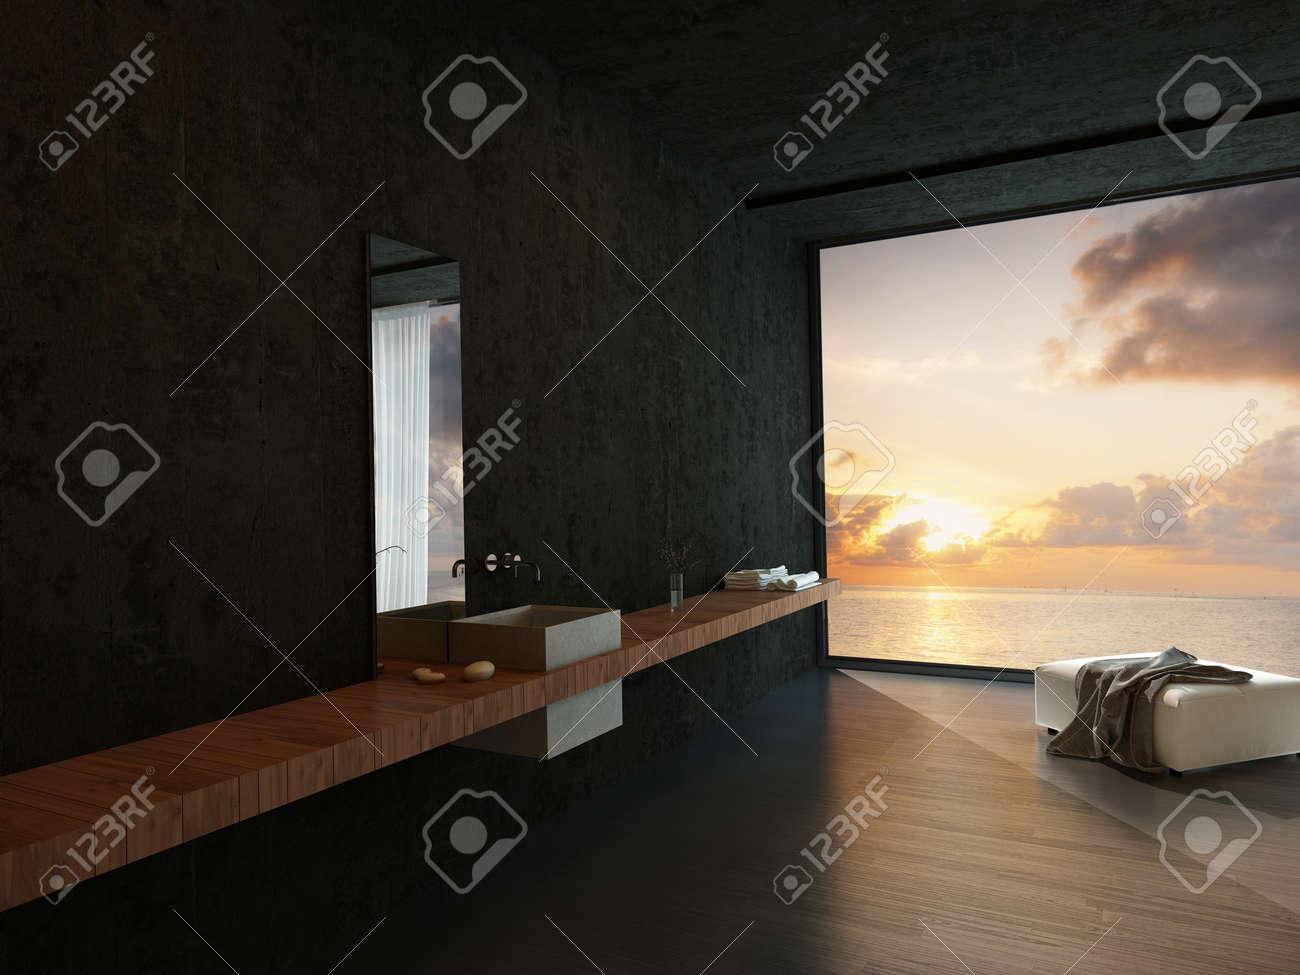 Intérieur de salle de bains moderne avec une vanité mural, pouf et une  orange de vue coloré océan coucher de soleil dans une propriété de bord de  mer ...